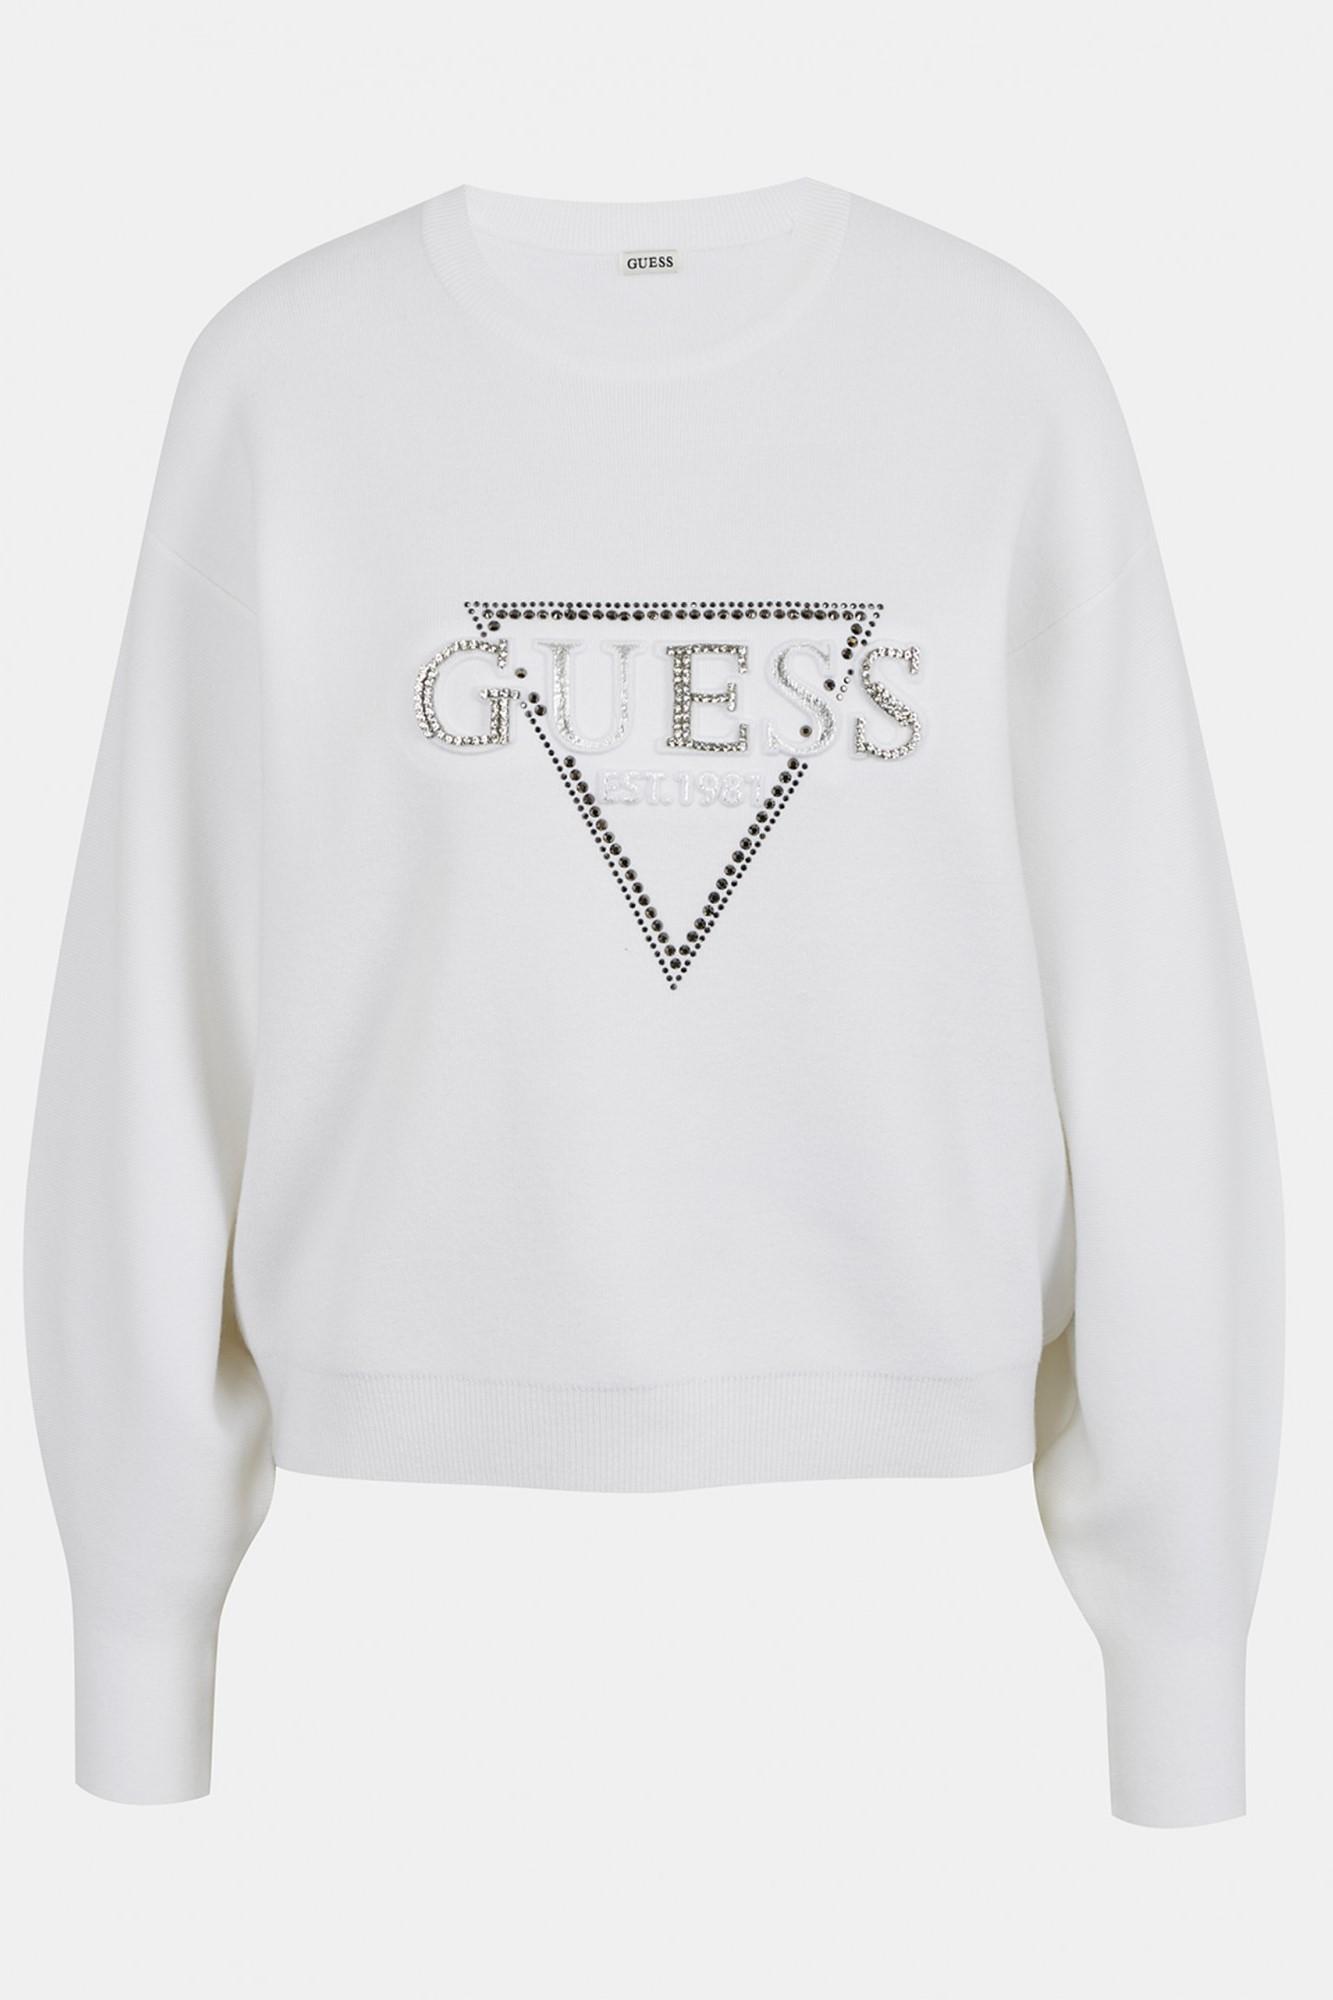 Guess bílé svetr Beatrice s logem - XL